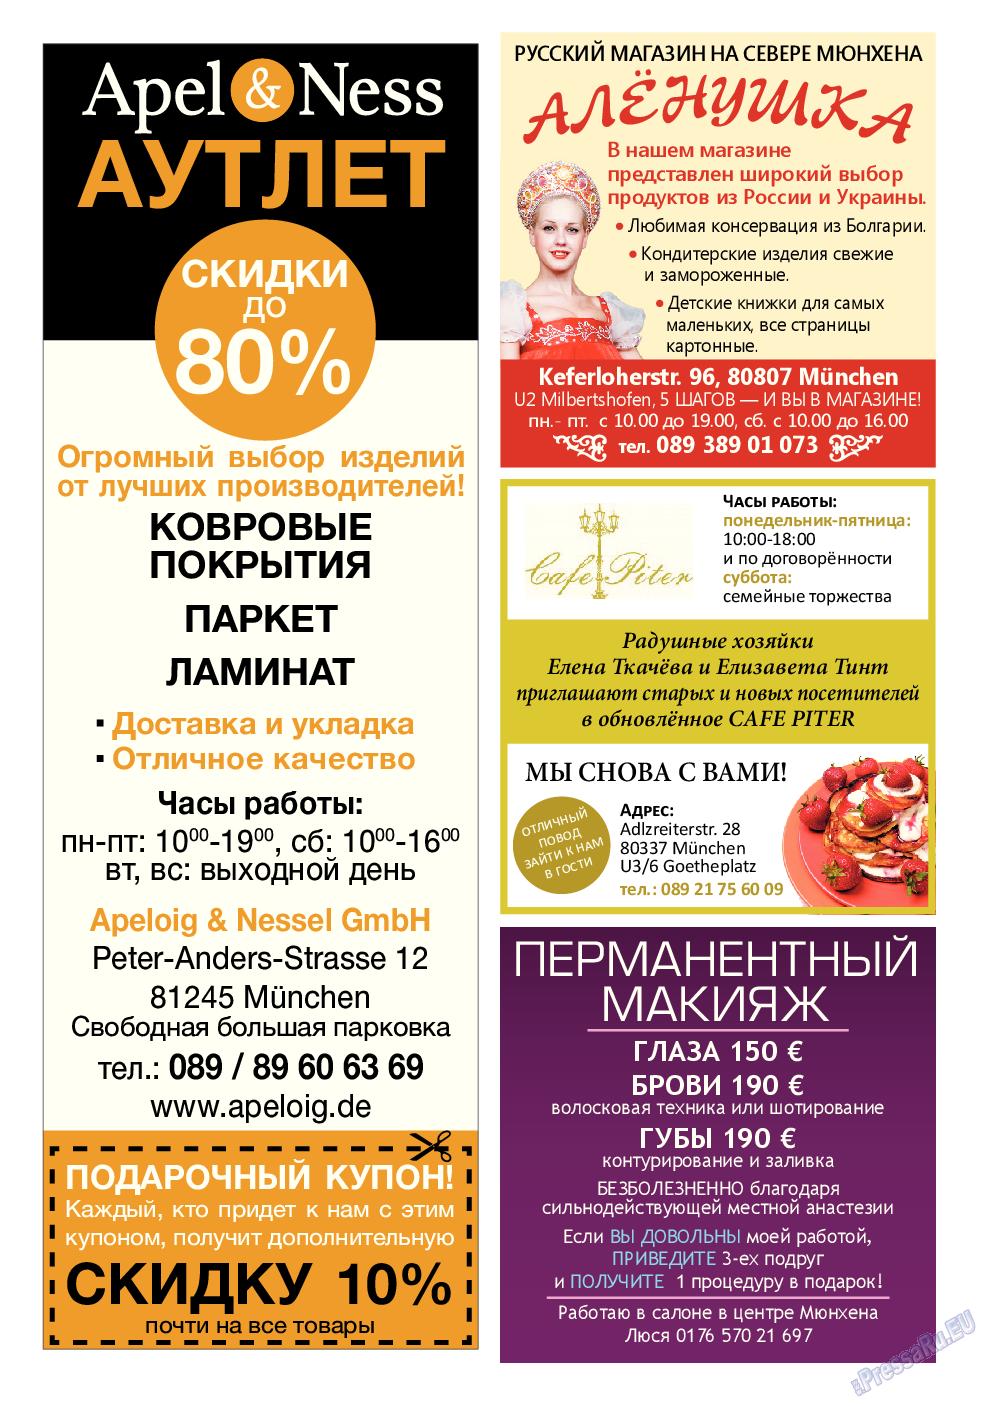 Апельсин (журнал). 2014 год, номер 63, стр. 51